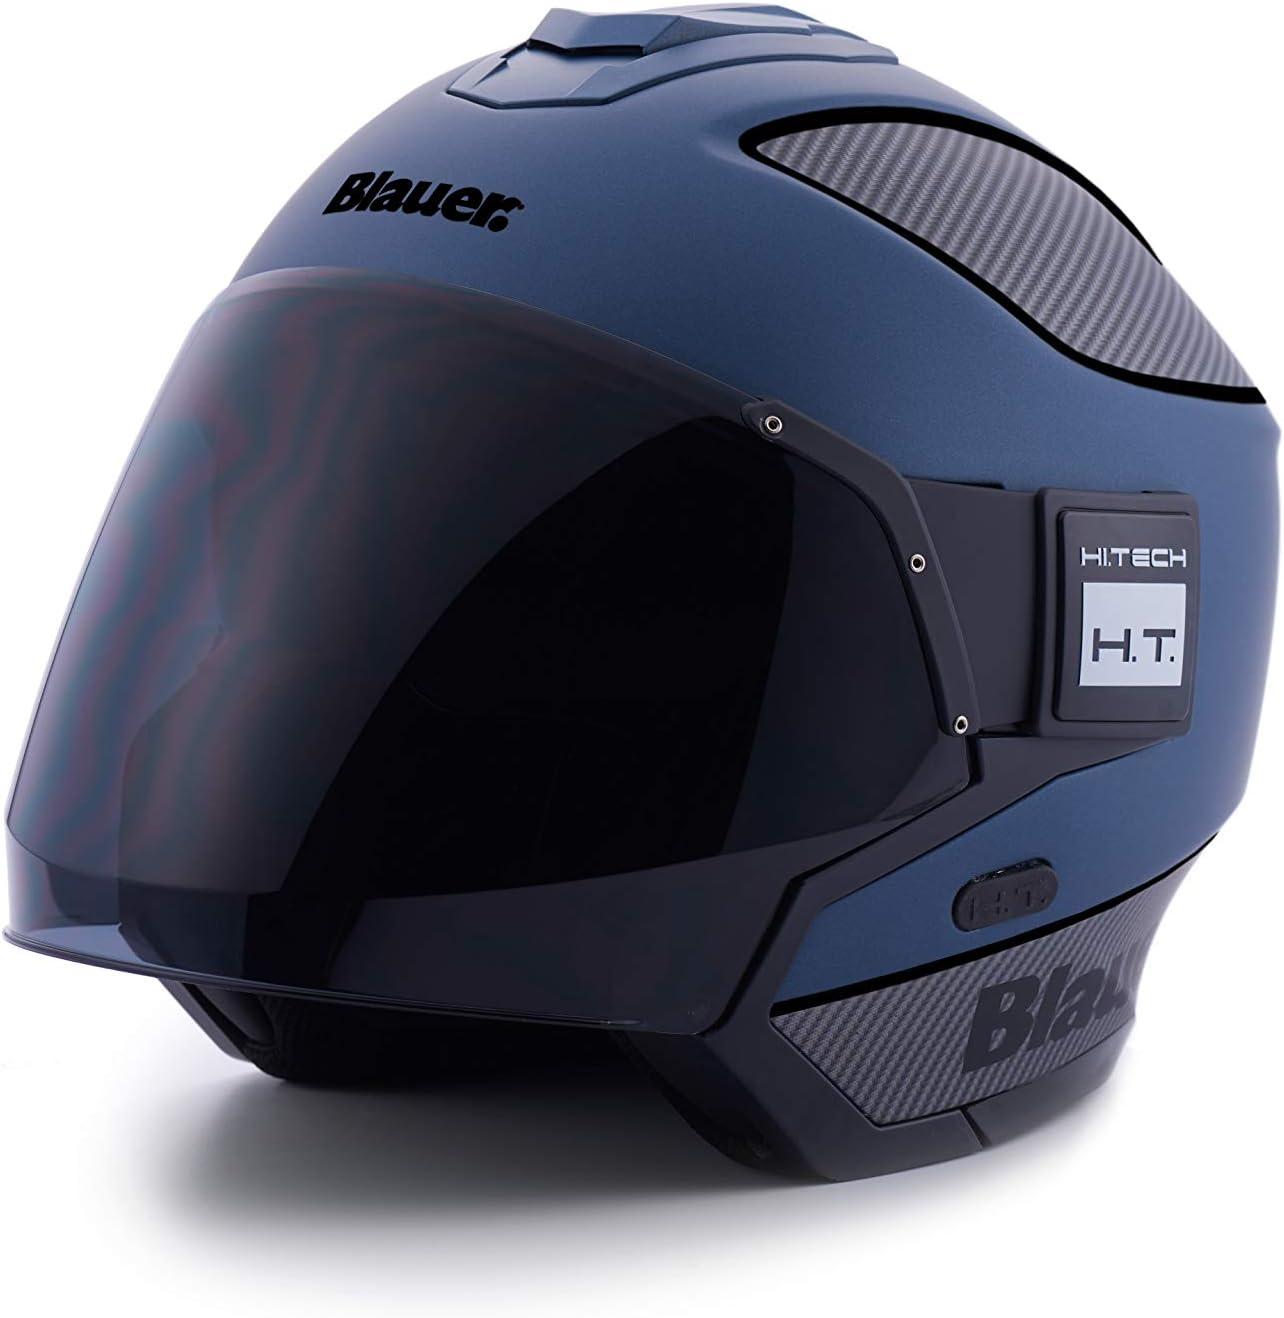 Blauer Hi Tech jet